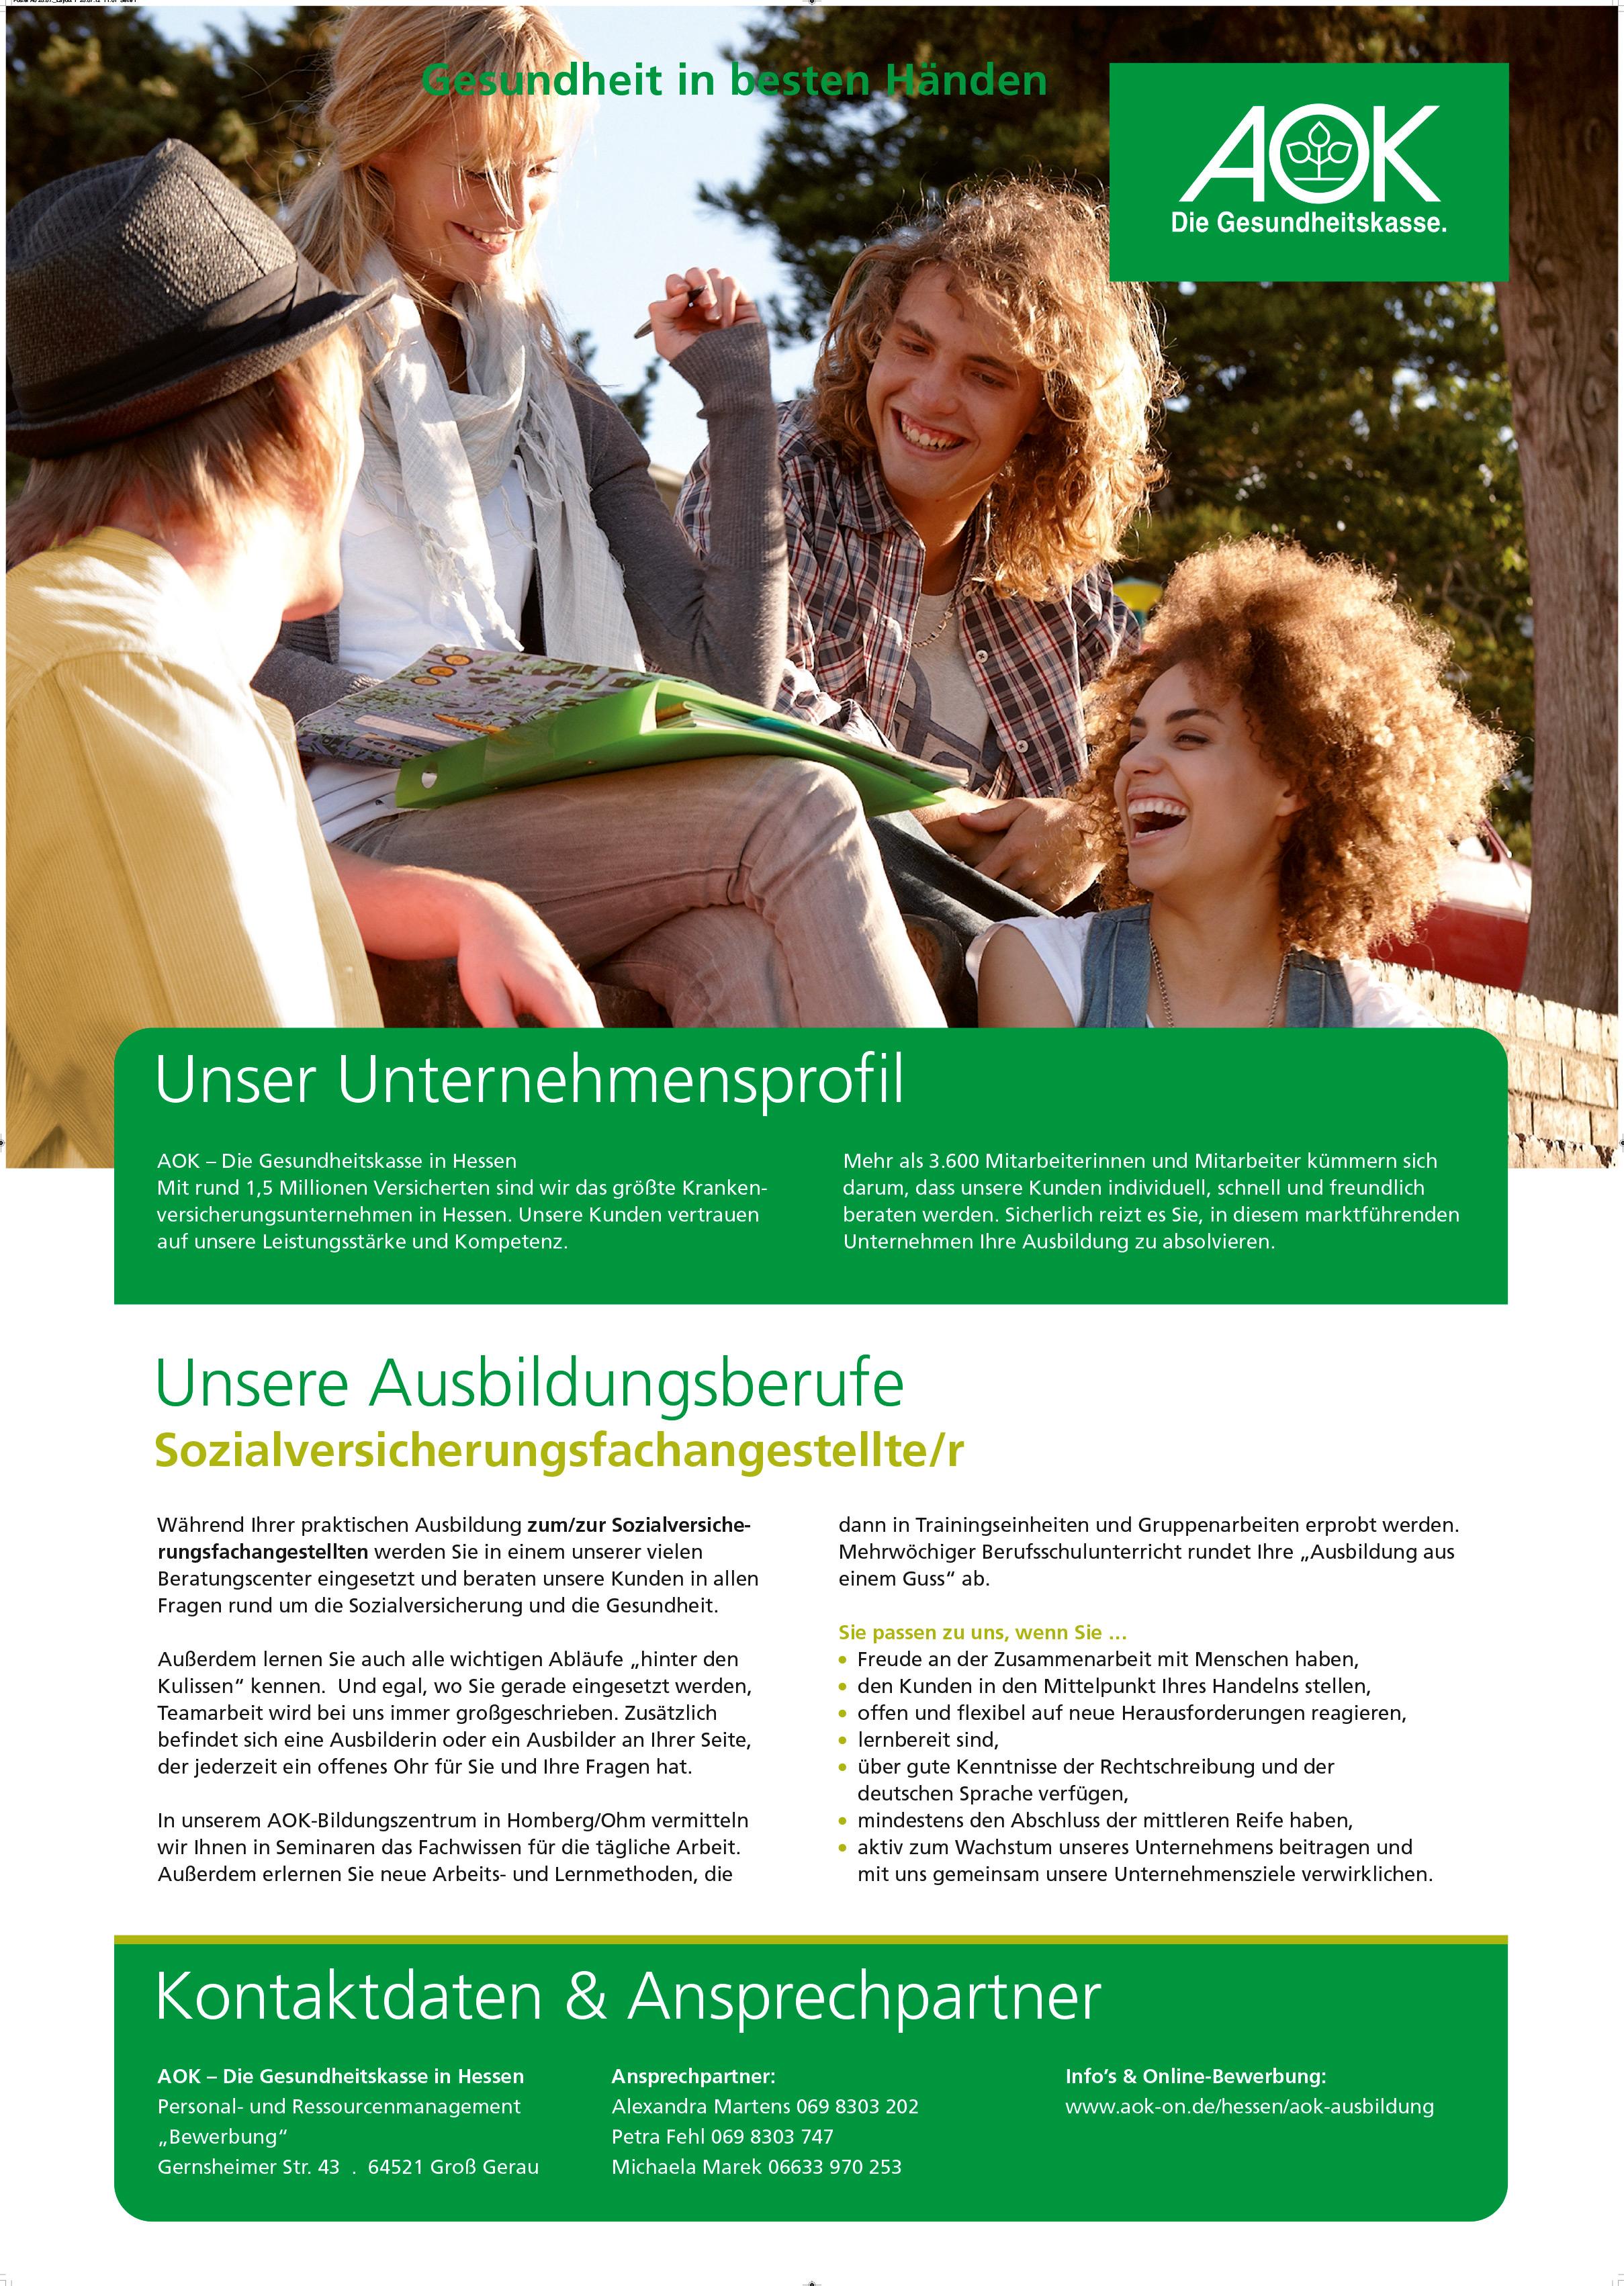 Ausbildungsplakat: AOK – Die Gesundheitskasse in Hessen